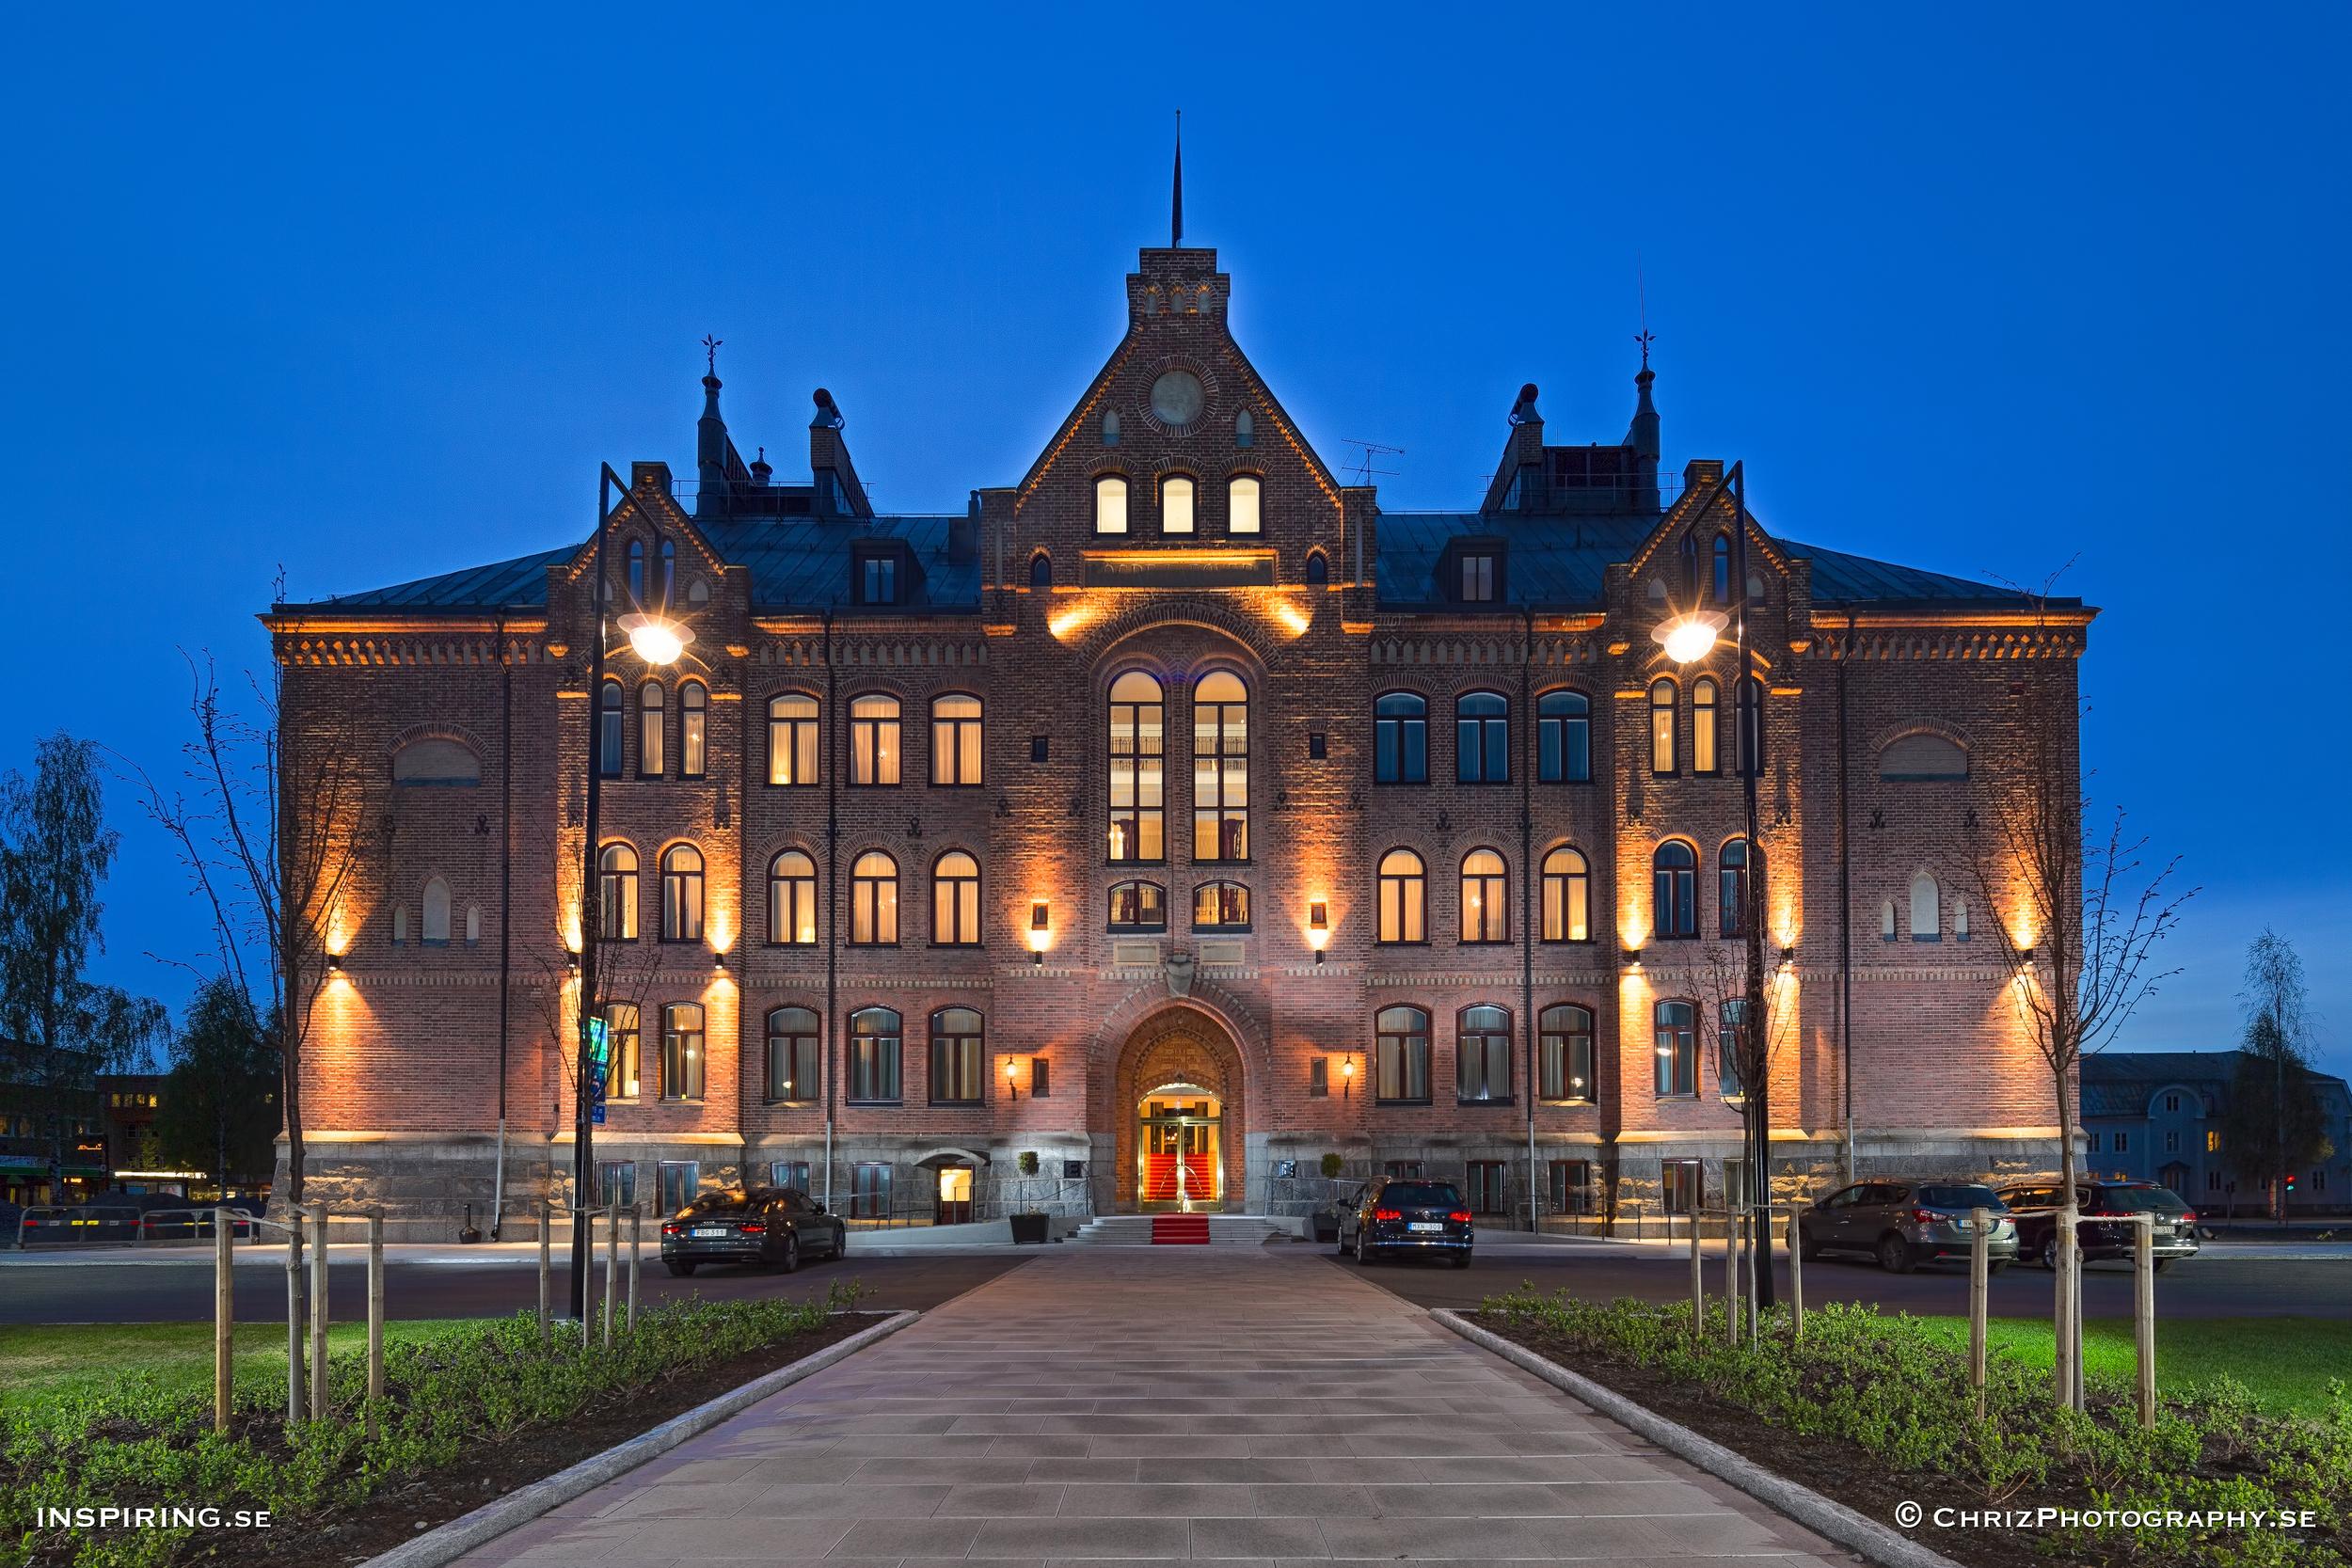 Elite_Hotel_Mimer_Inspiring.se_copyright_ChrizPhotography.se_40.jpg